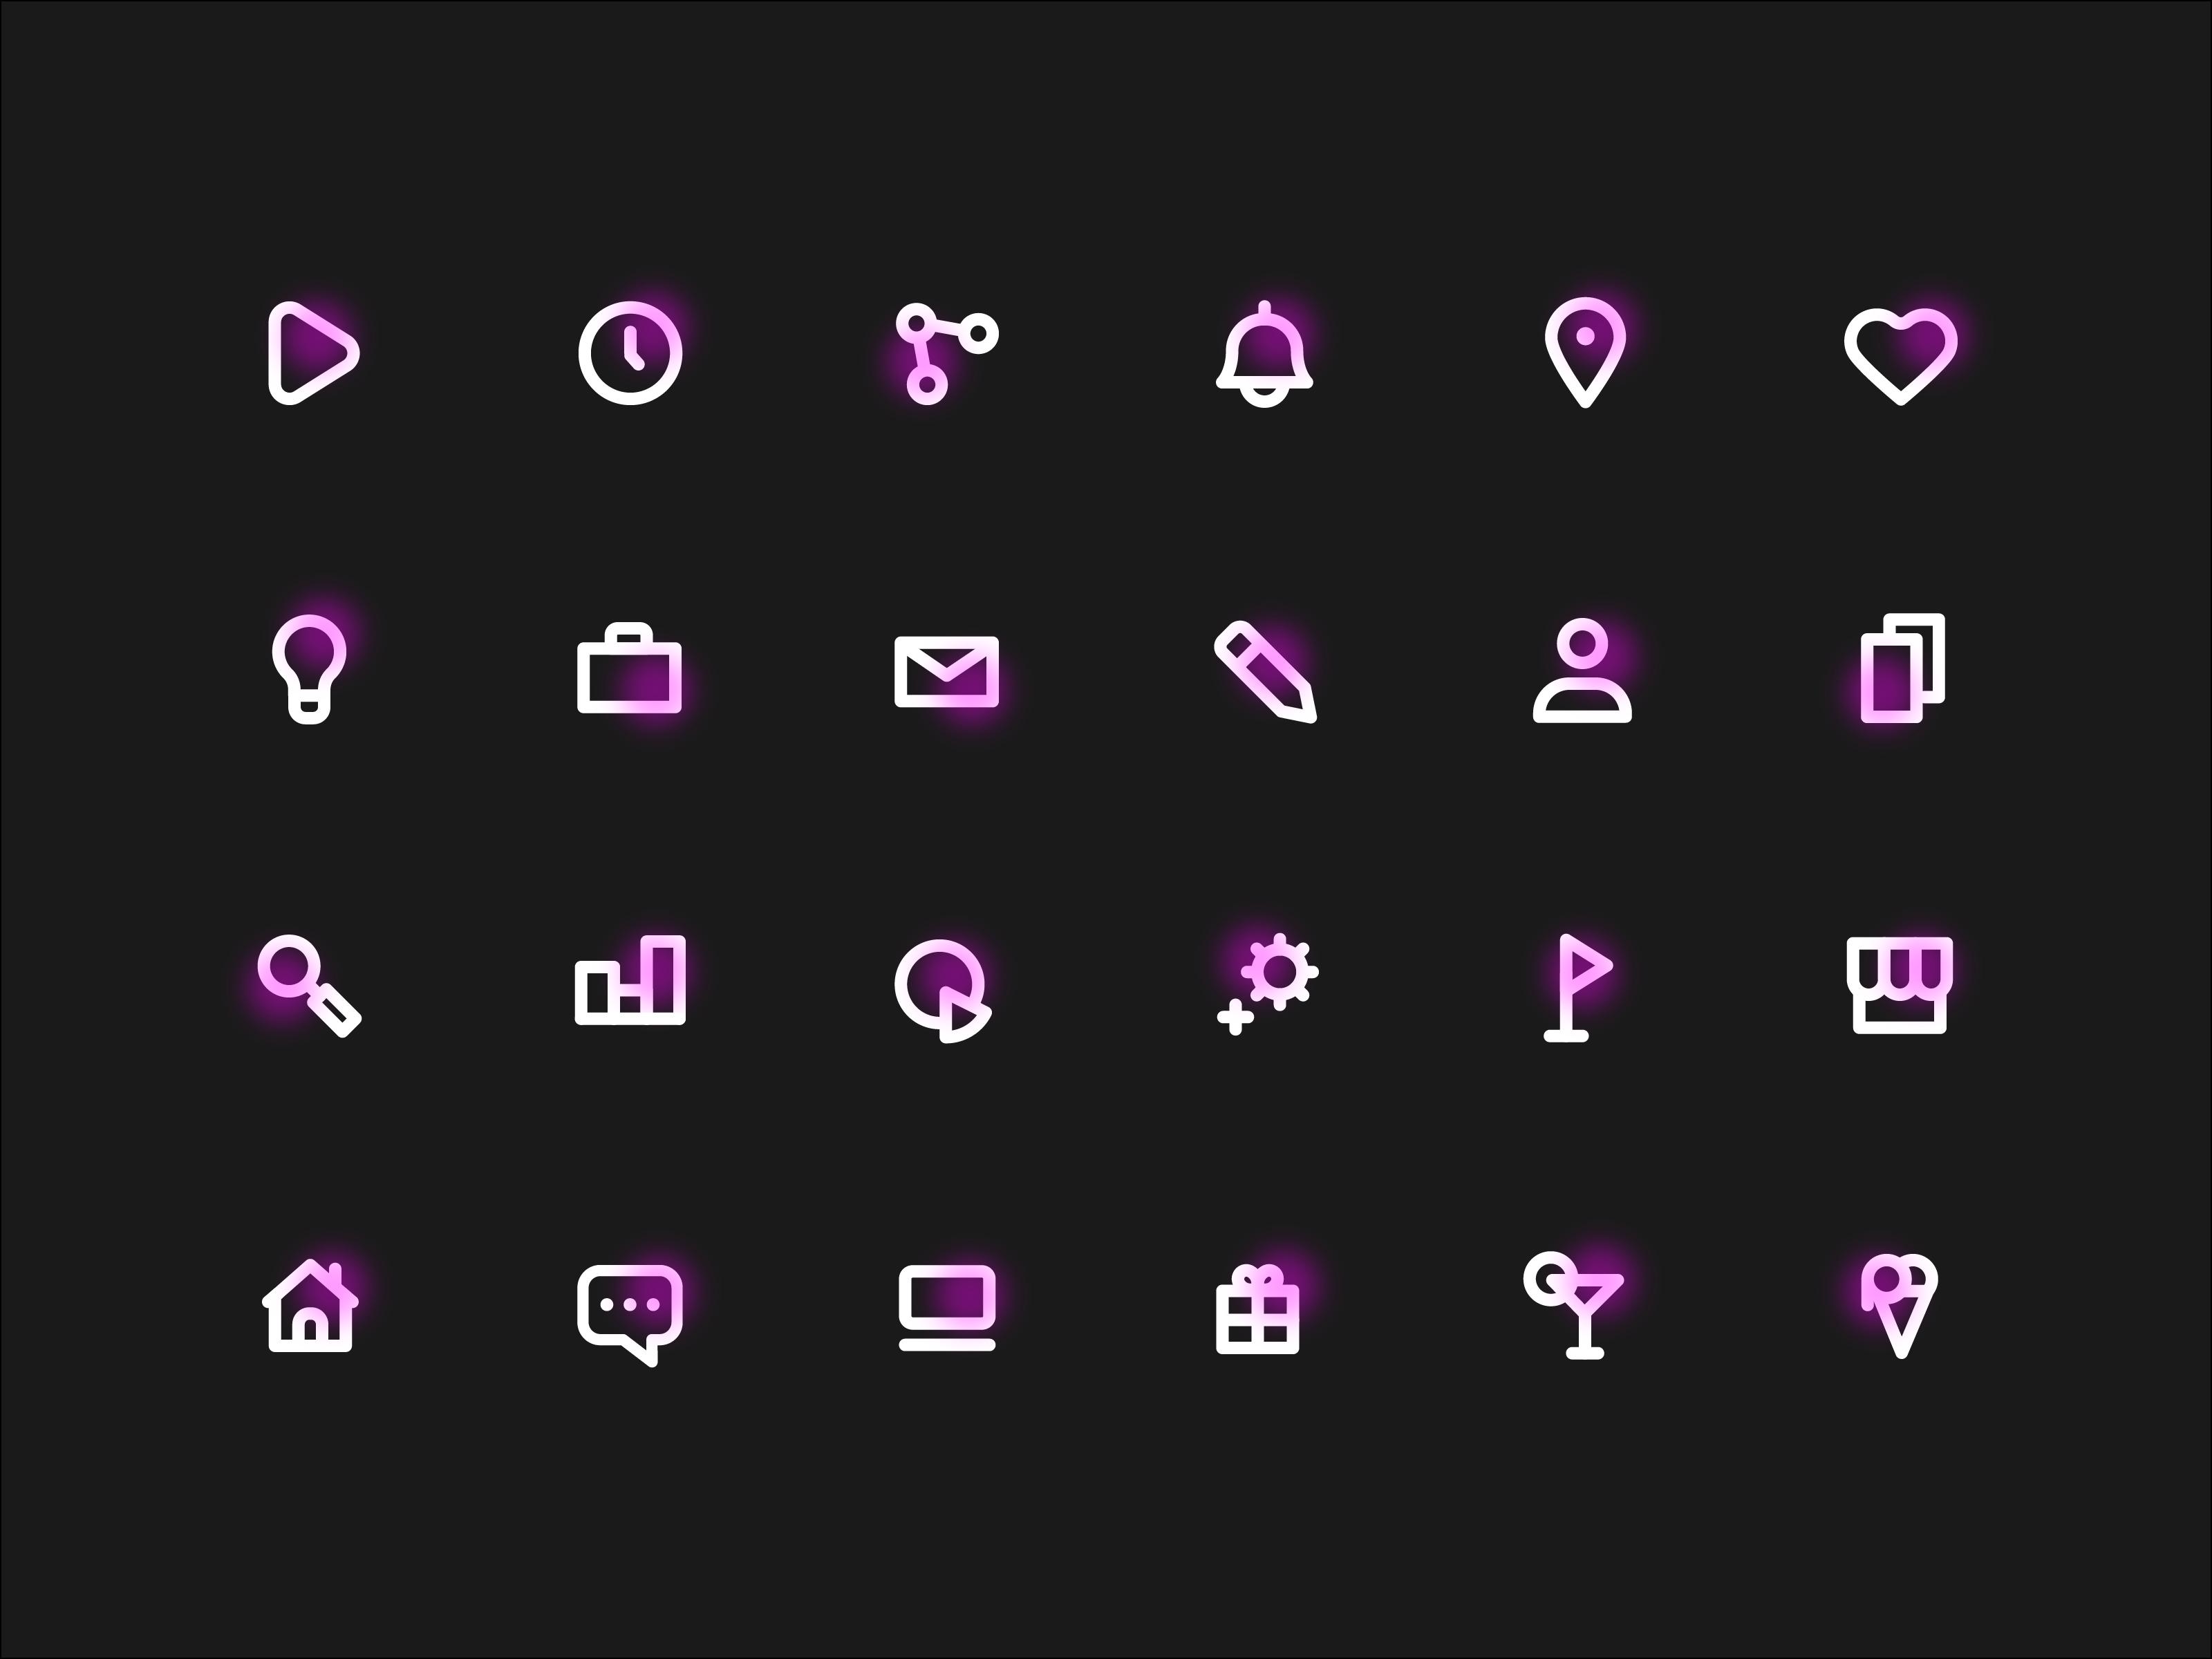 Neon icons black